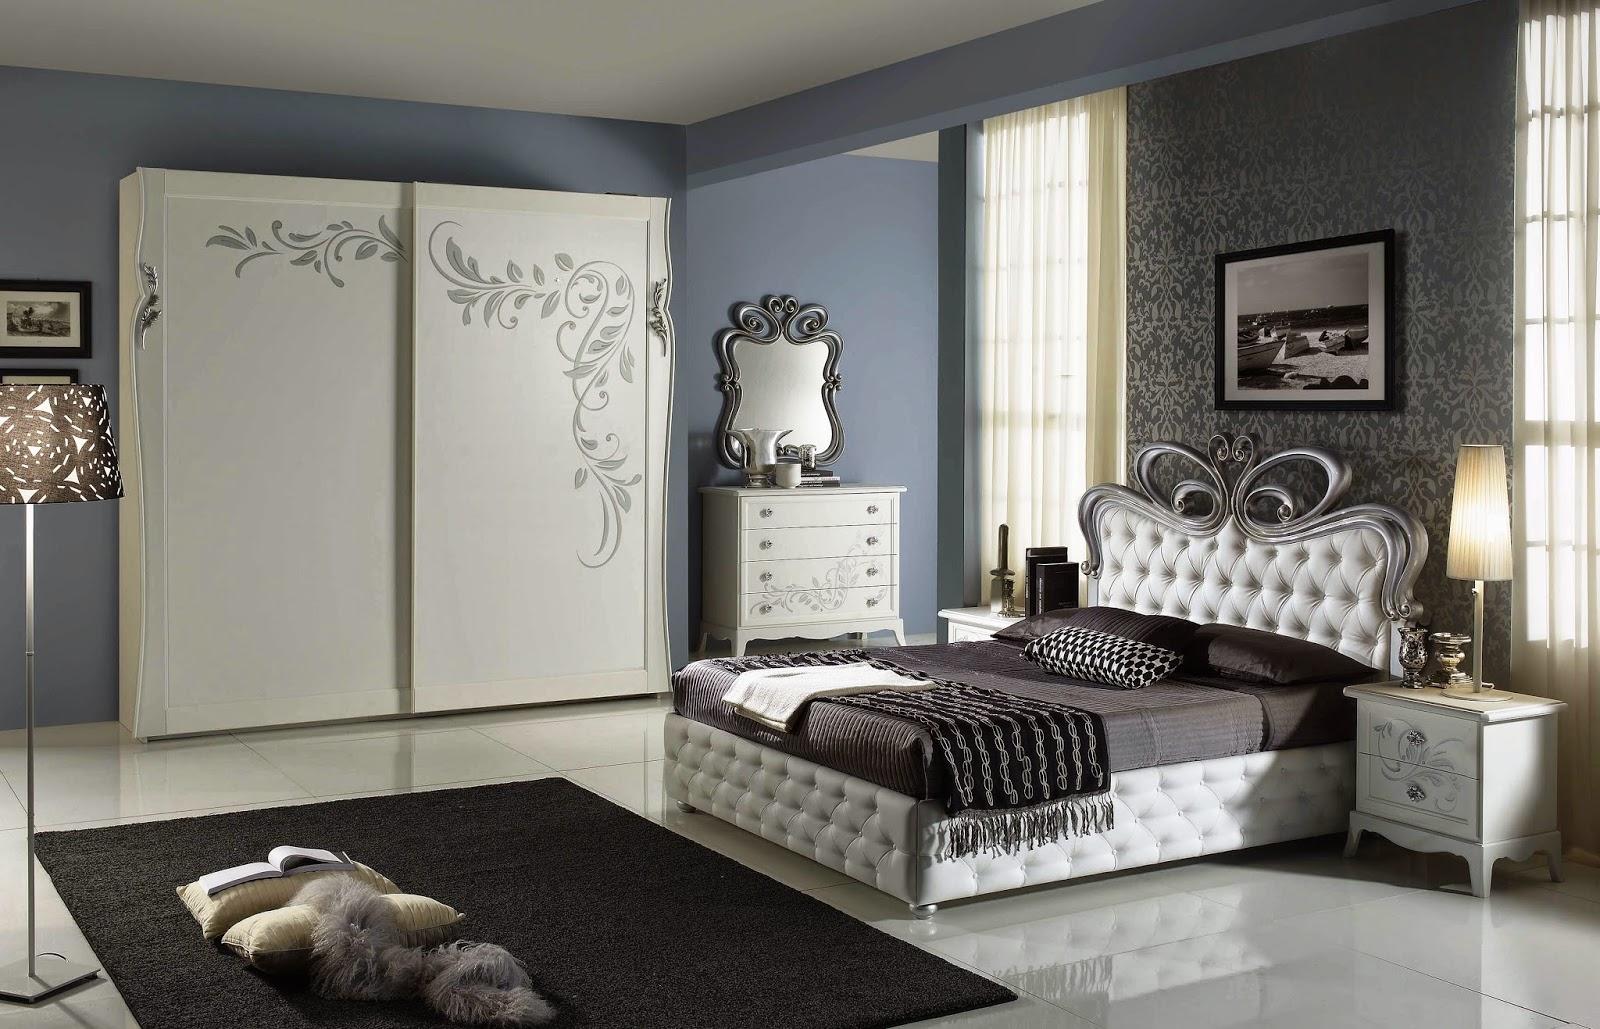 Camera da letto arredamenti a s mobilandia traslochi for 6 piani di camera da letto 6 bagni